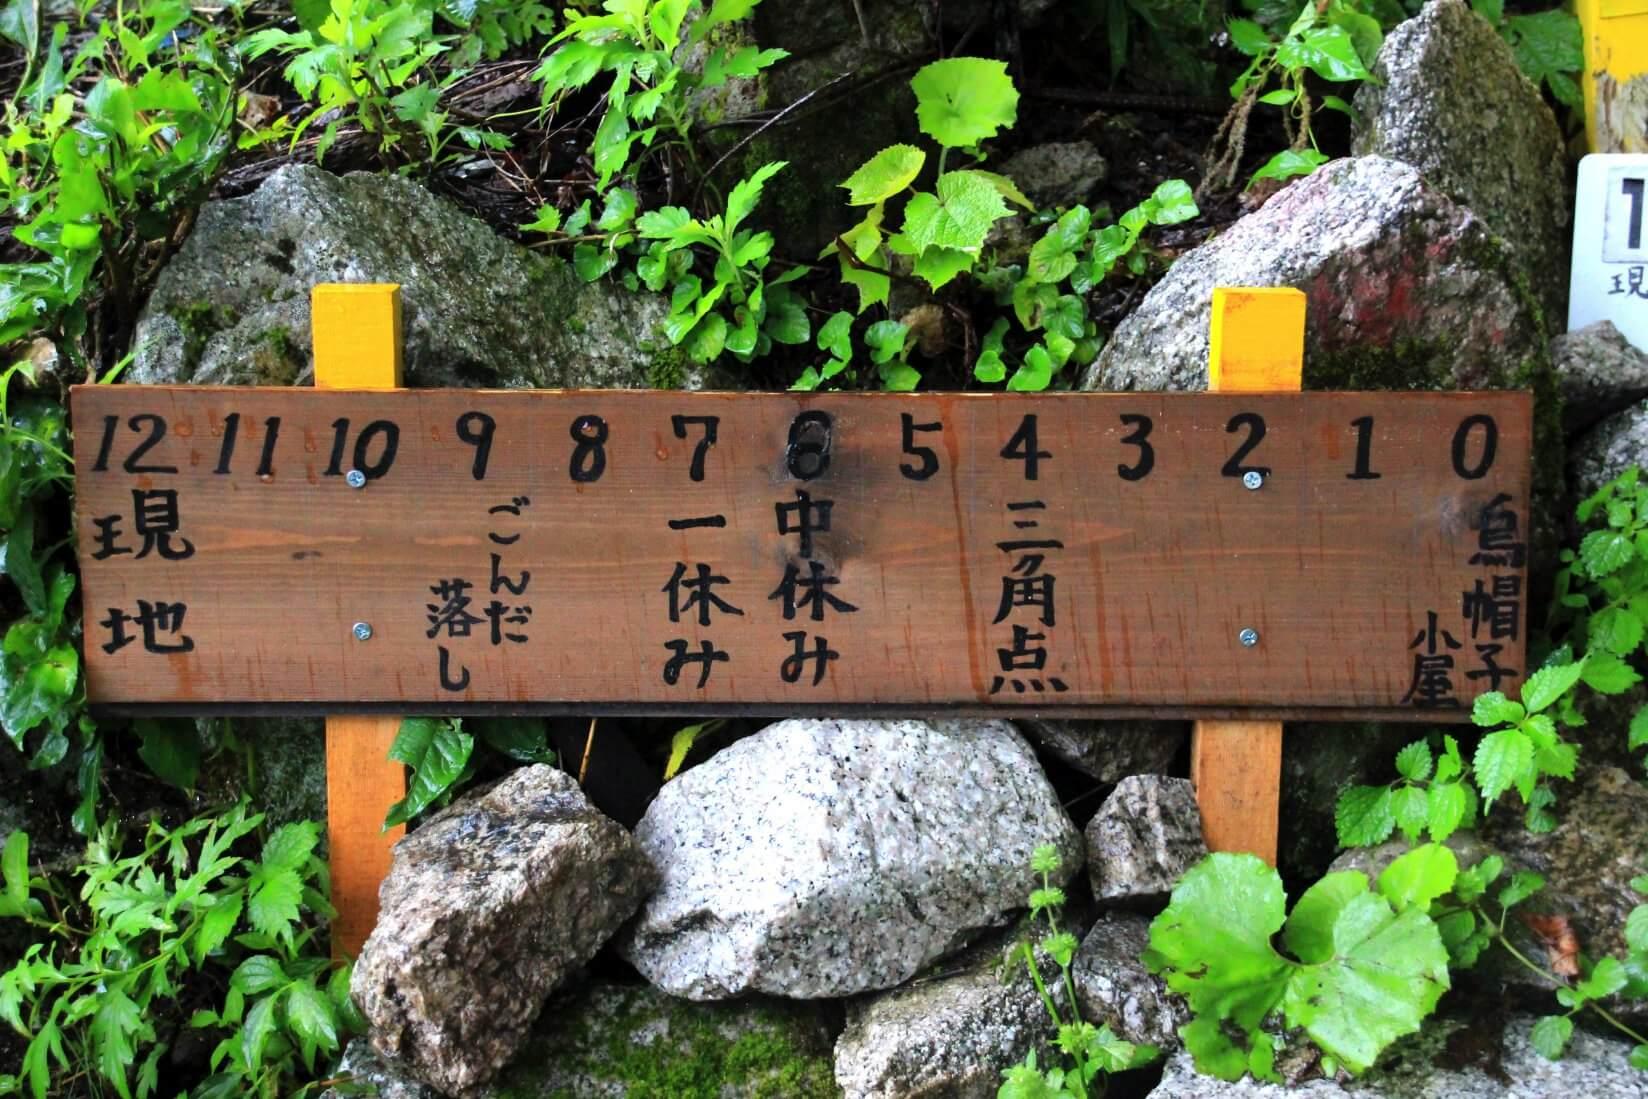 ブナ立尾根の番号の解説、0番烏帽子小屋から12番現地